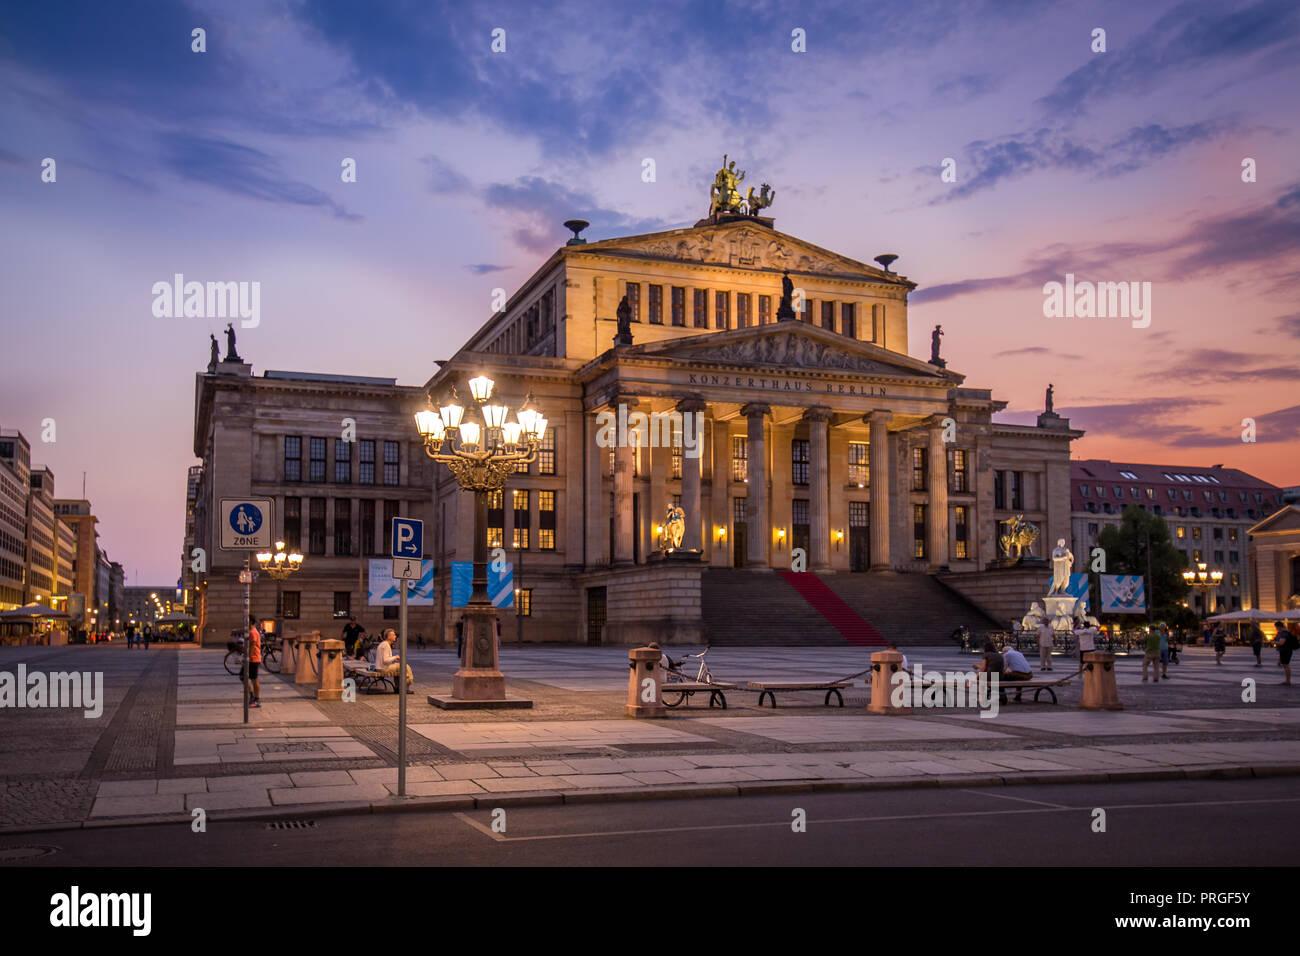 Konzerthaus Berlin, Deutschland Blaue Stunde Sonnenuntergang - Stock Image